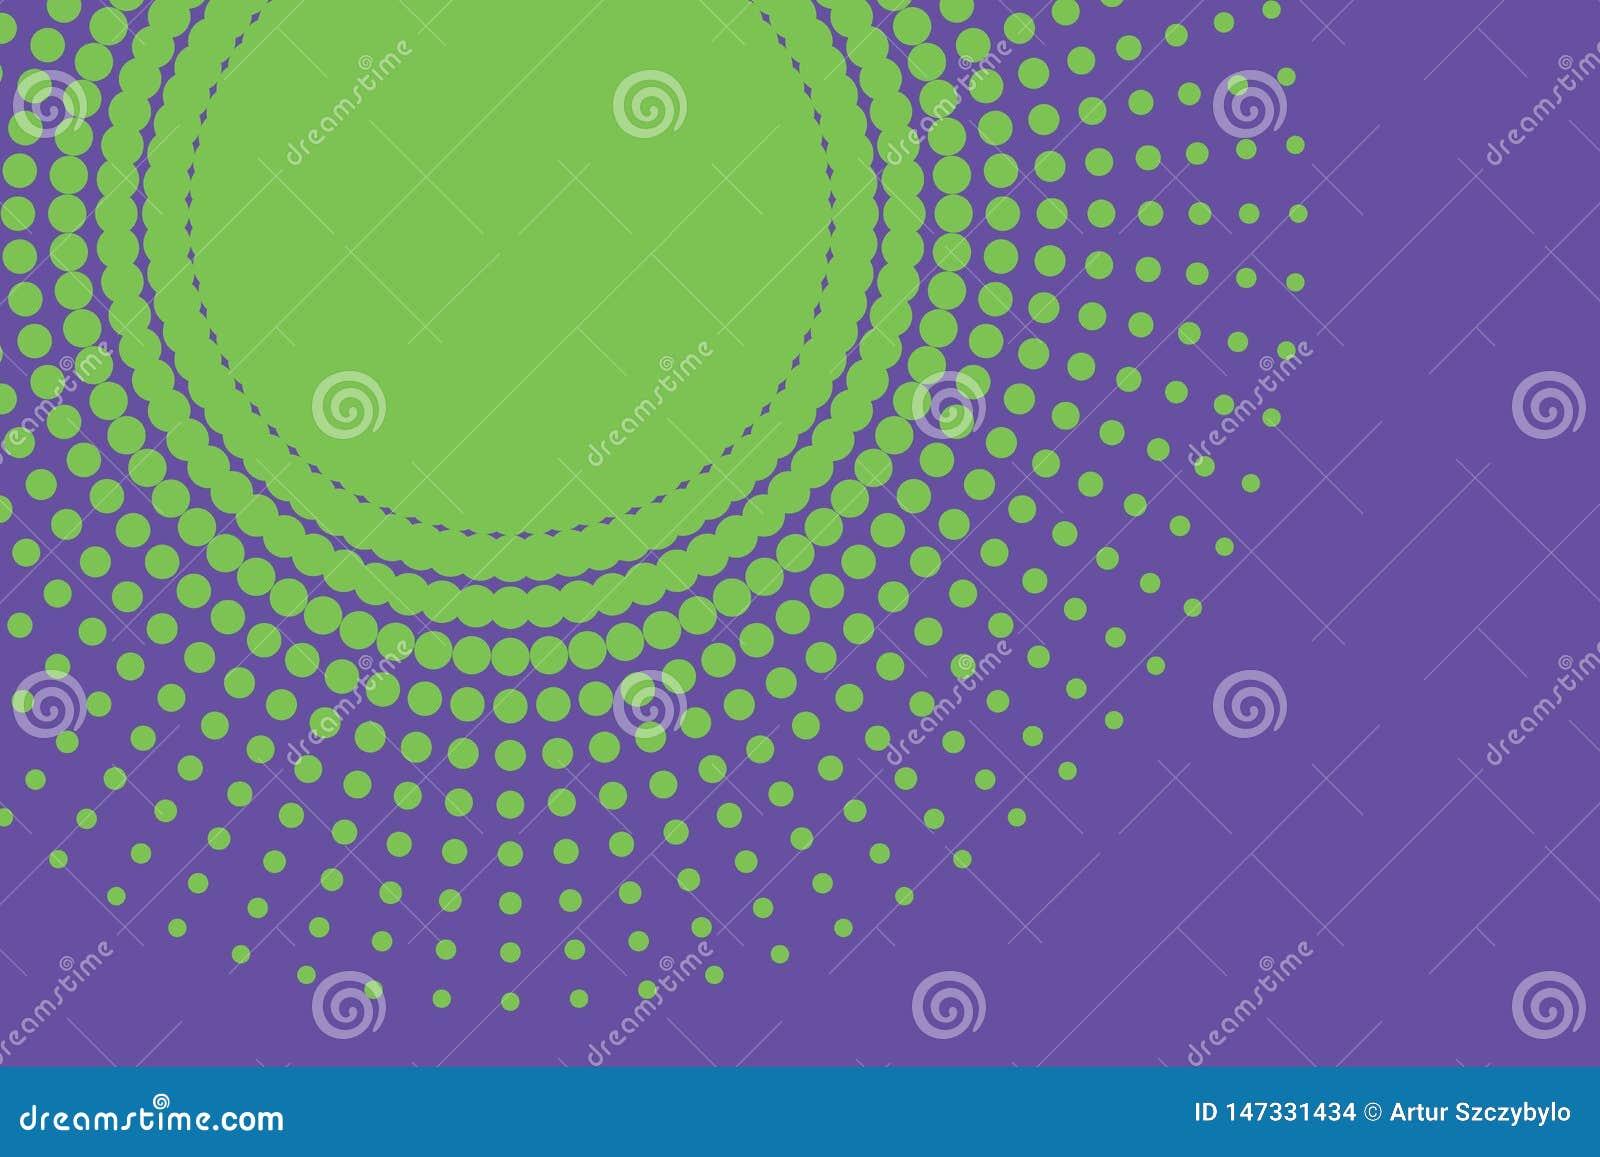 Dise?o geom?trico abstracto de la profundidad Simulaci?n del fondo profundo Papel de envoltorio para regalos stain Modelo futuris